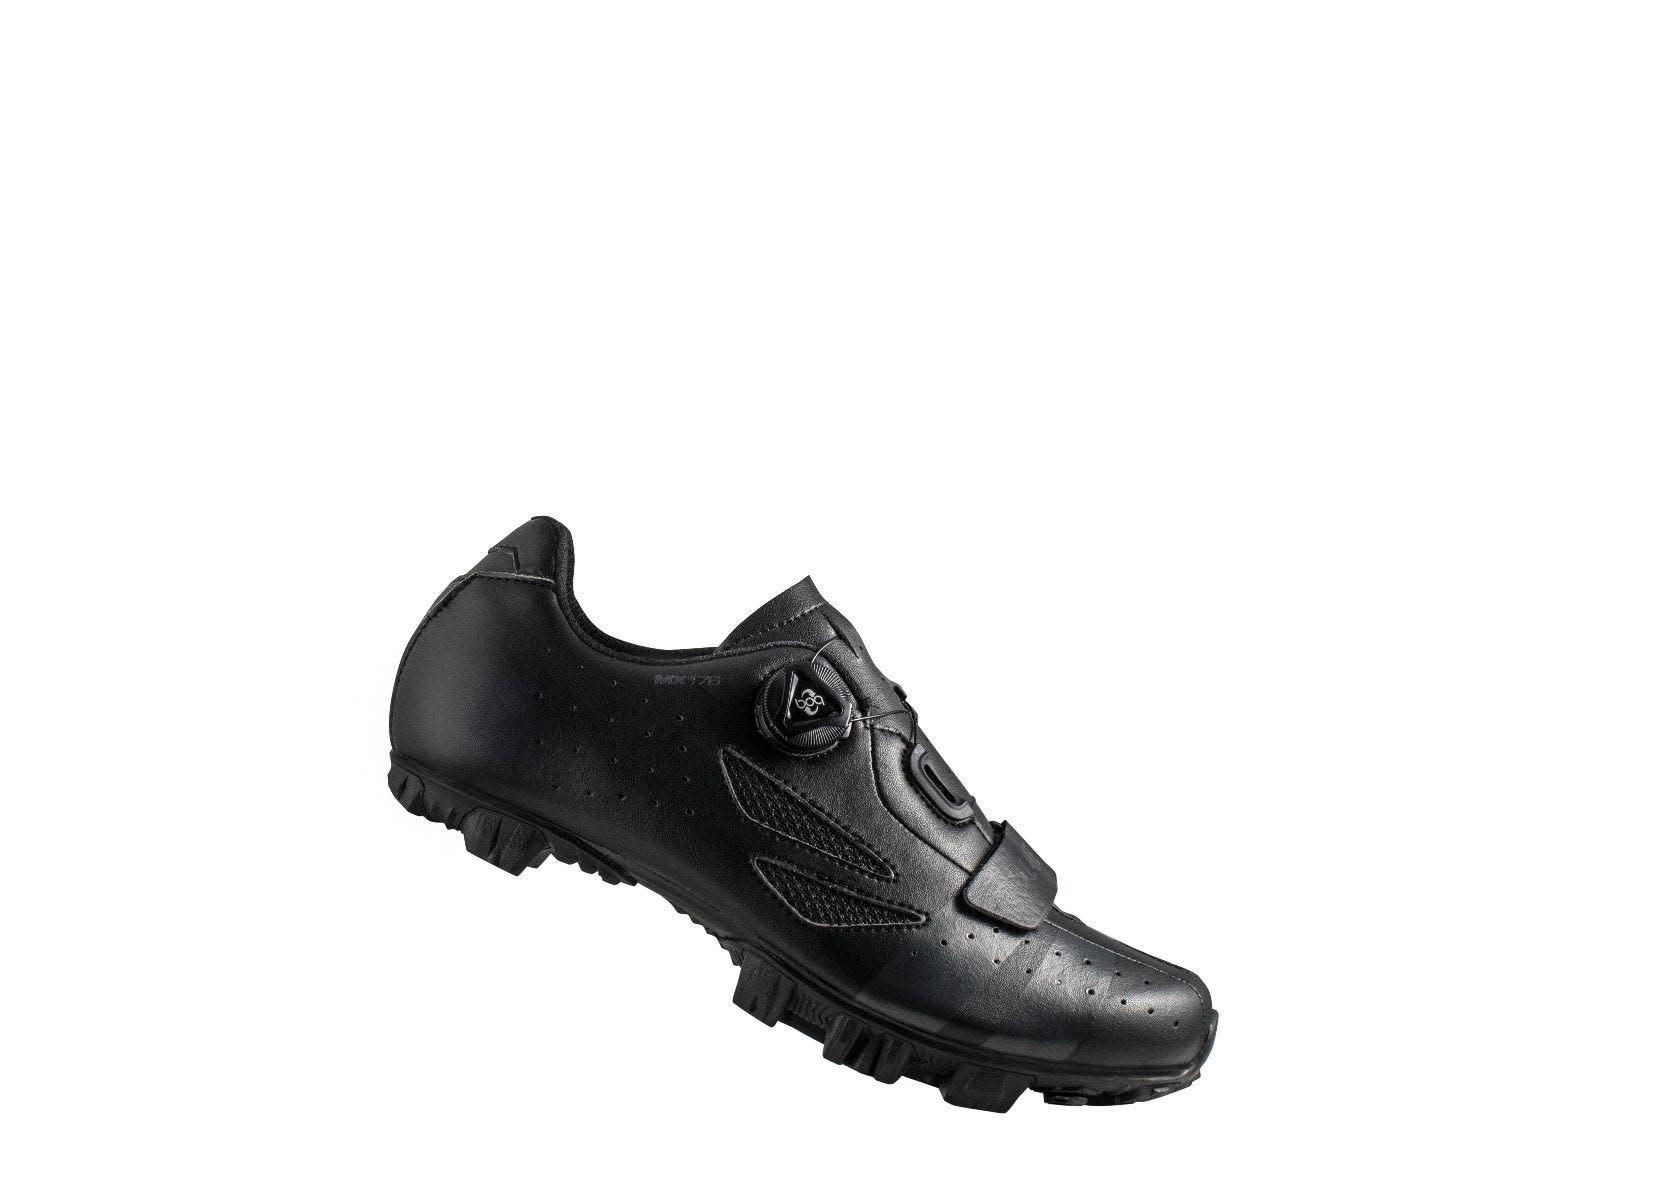 LAKE Lake MX176 MTB Shoe Black/Grey 42